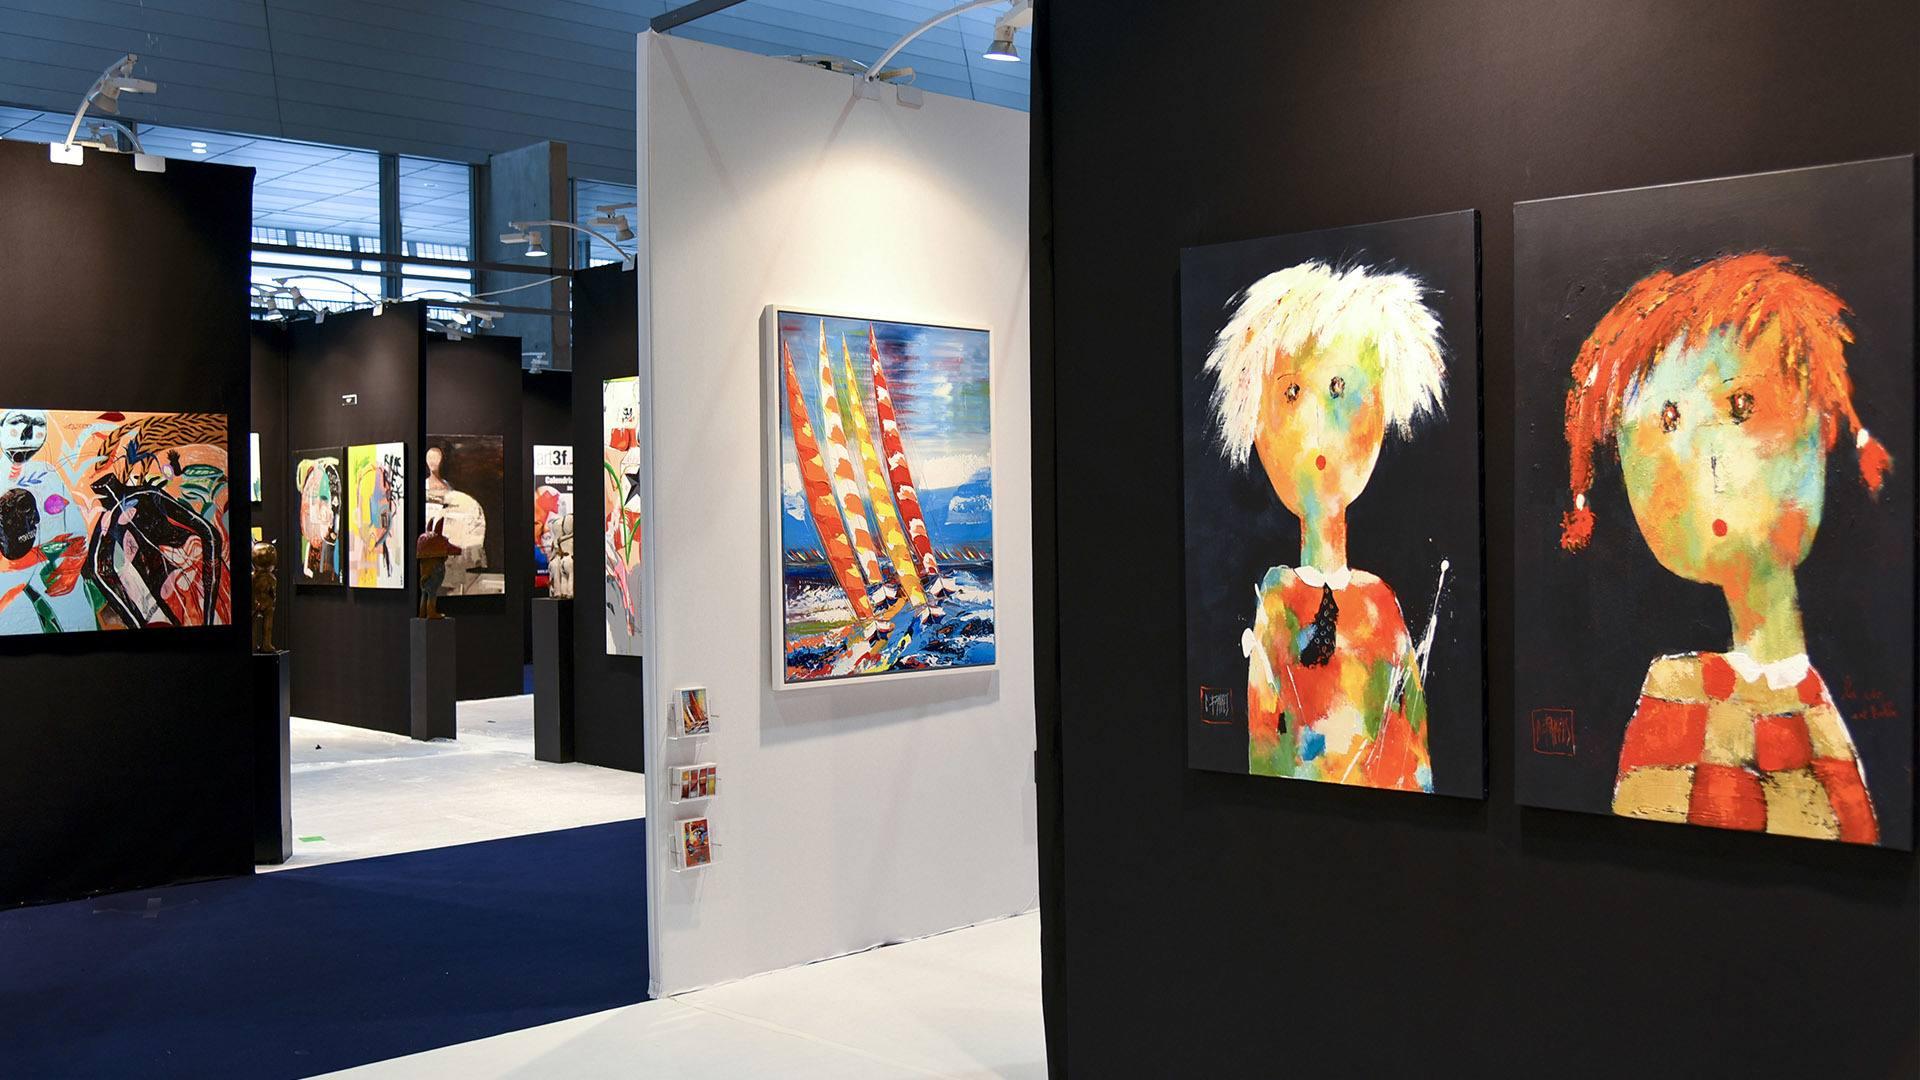 rt3f un salon international pour célébrer l'art contemporain : découvrir des artistes du monde entier